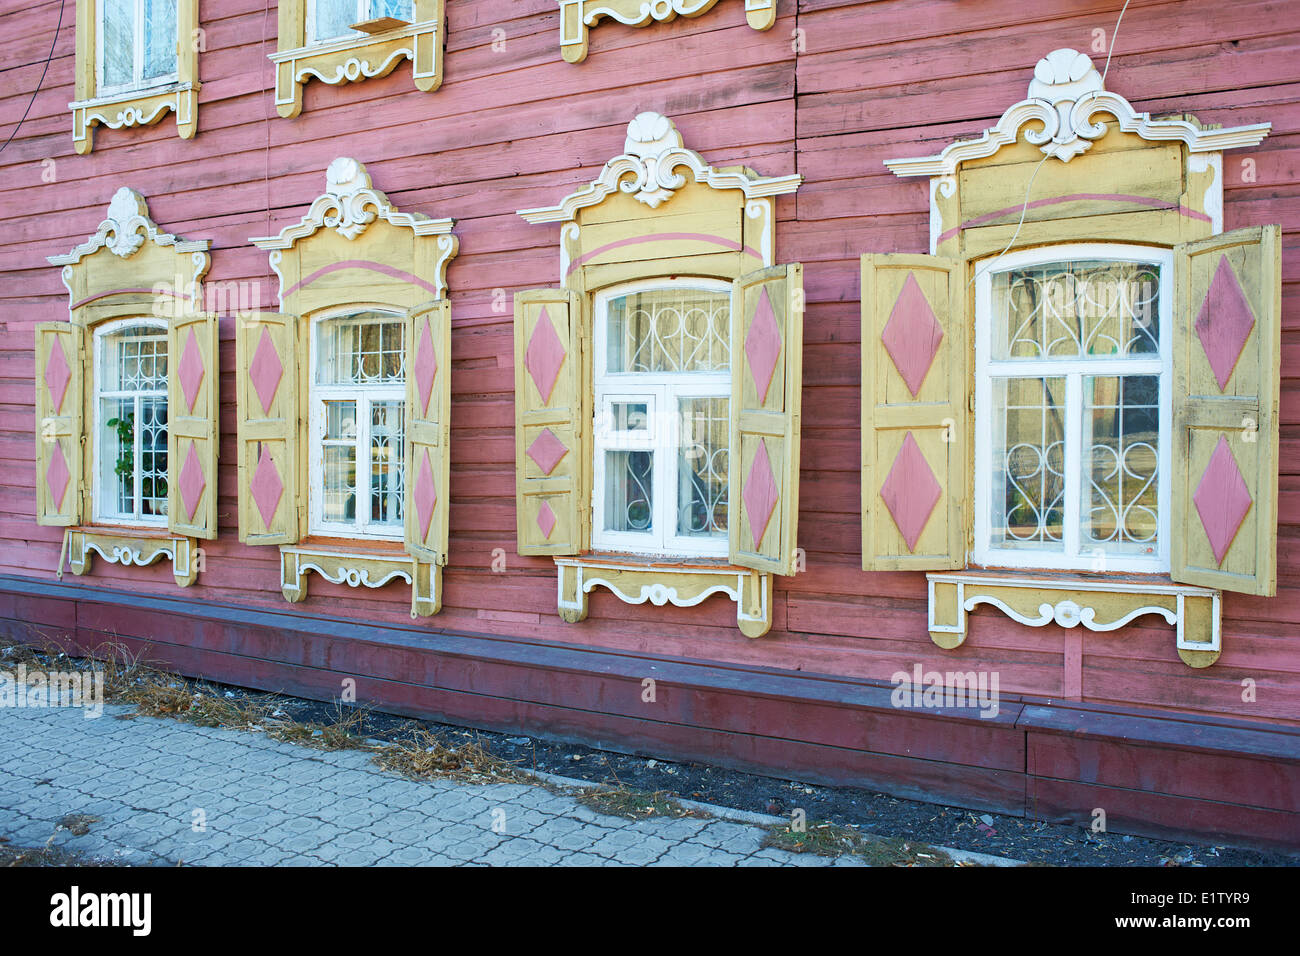 Russland, Sibirien, Irkutsk, Holzarchitektur Stockbild